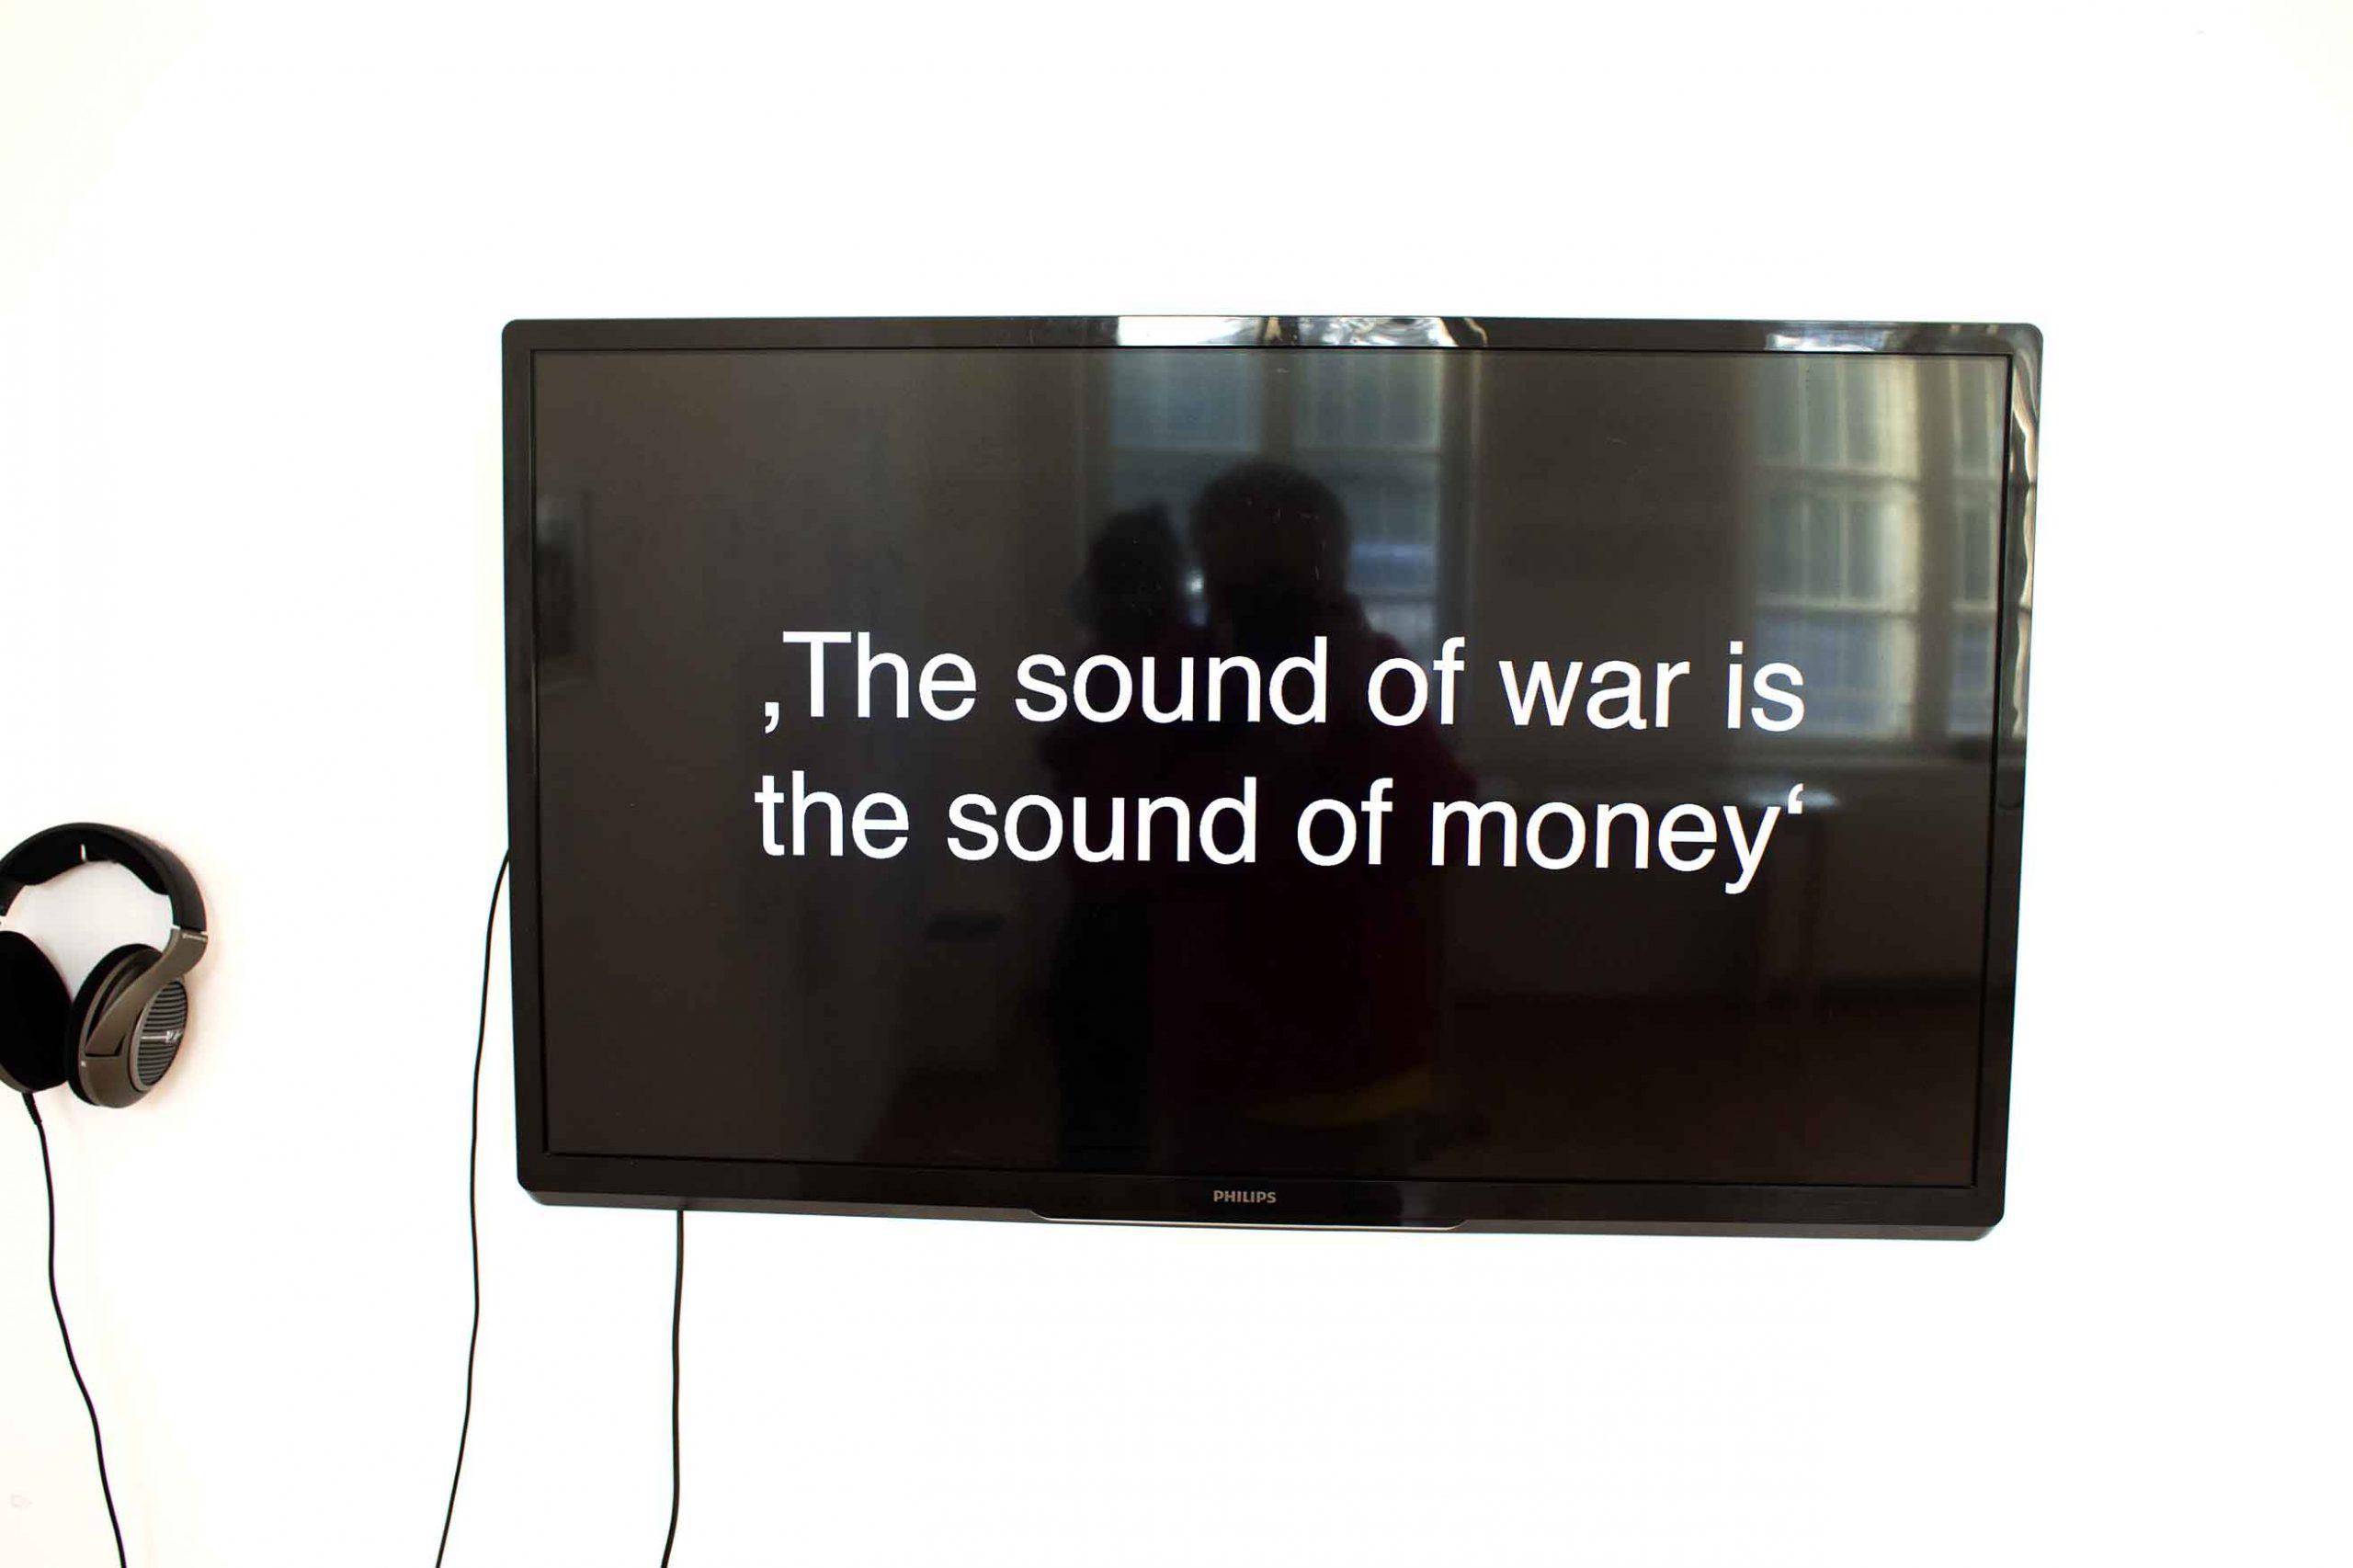 Descărcați cărți audio Vision pentru a restabili viziunea